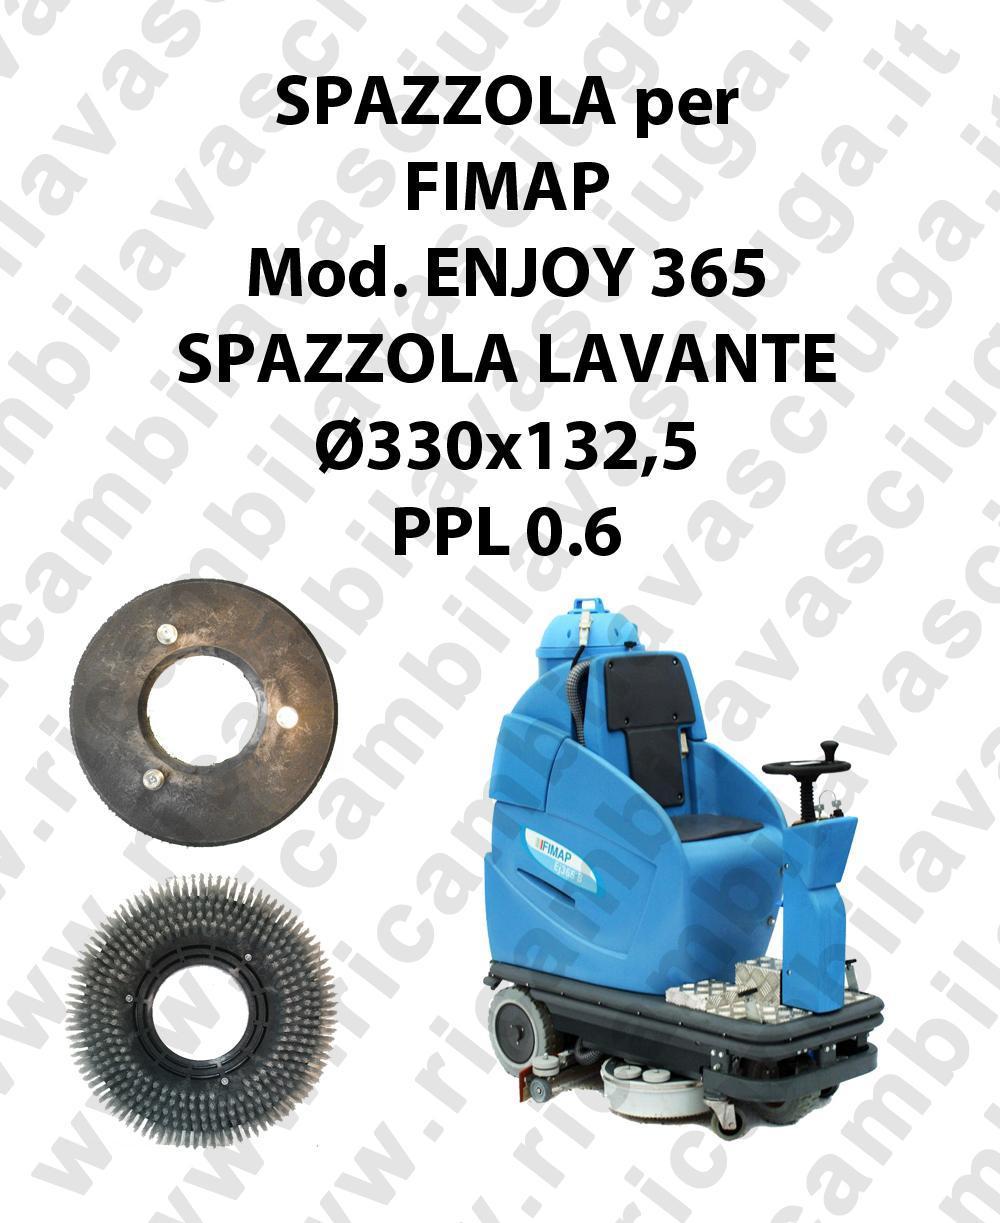 STANDARD BRUSH  for scrubber dryer FIMAP model ENJOY 365 ⌀ 330 x 132.5 PPL 0.6